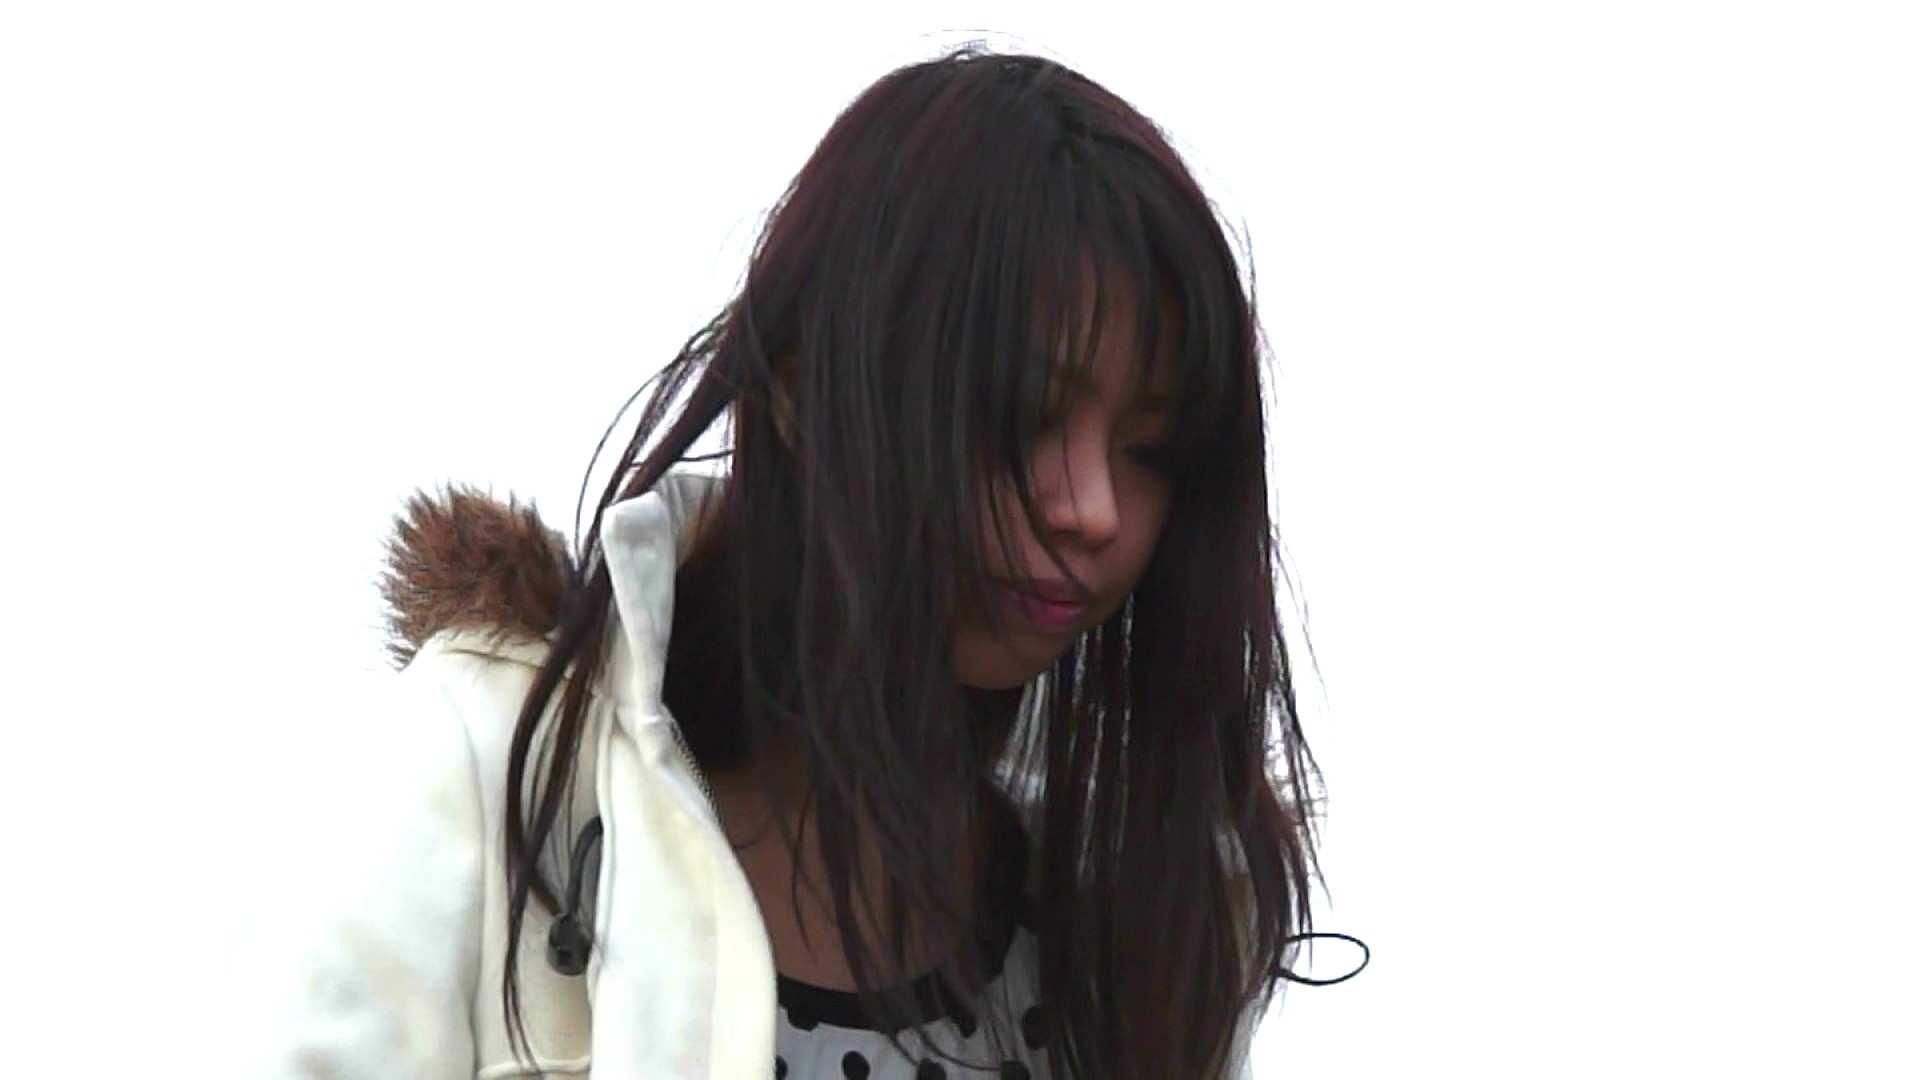 vol.2 自宅近く思い出の地で黄昏る志穂さん 高画質 AV無料 83画像 80